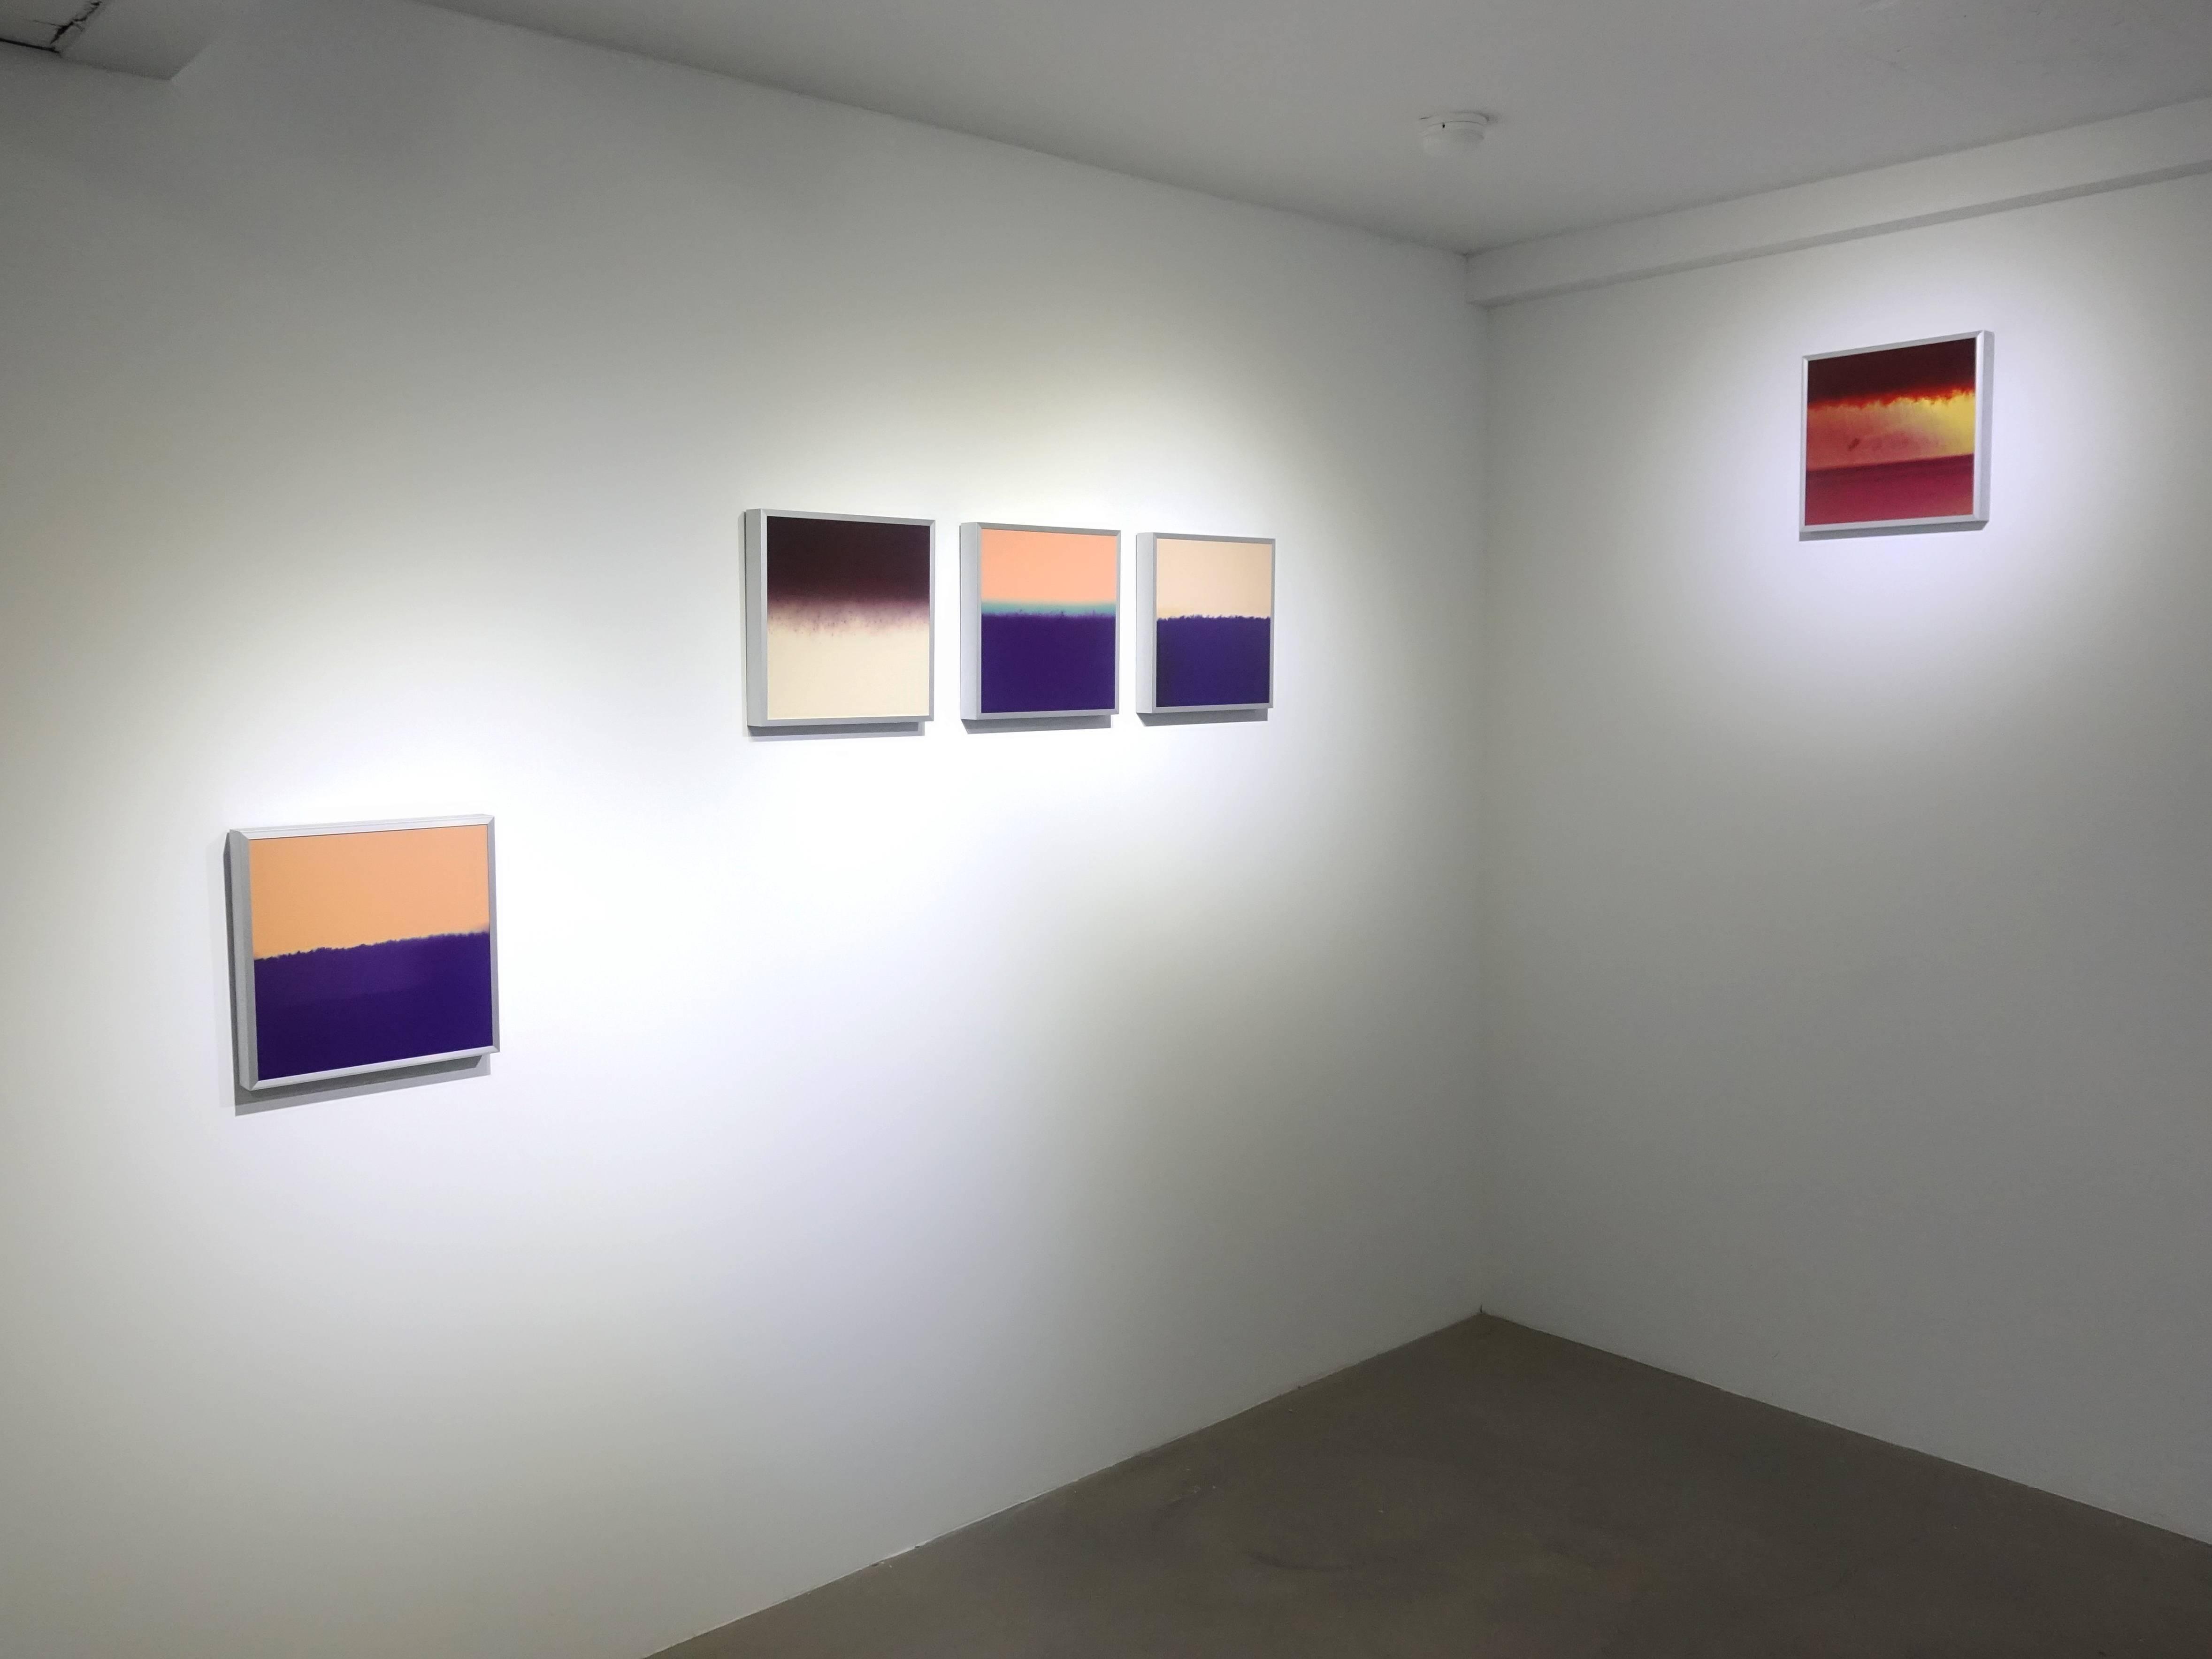 日動畫廊展出藝術家李國民系列作《一癡三十年》。